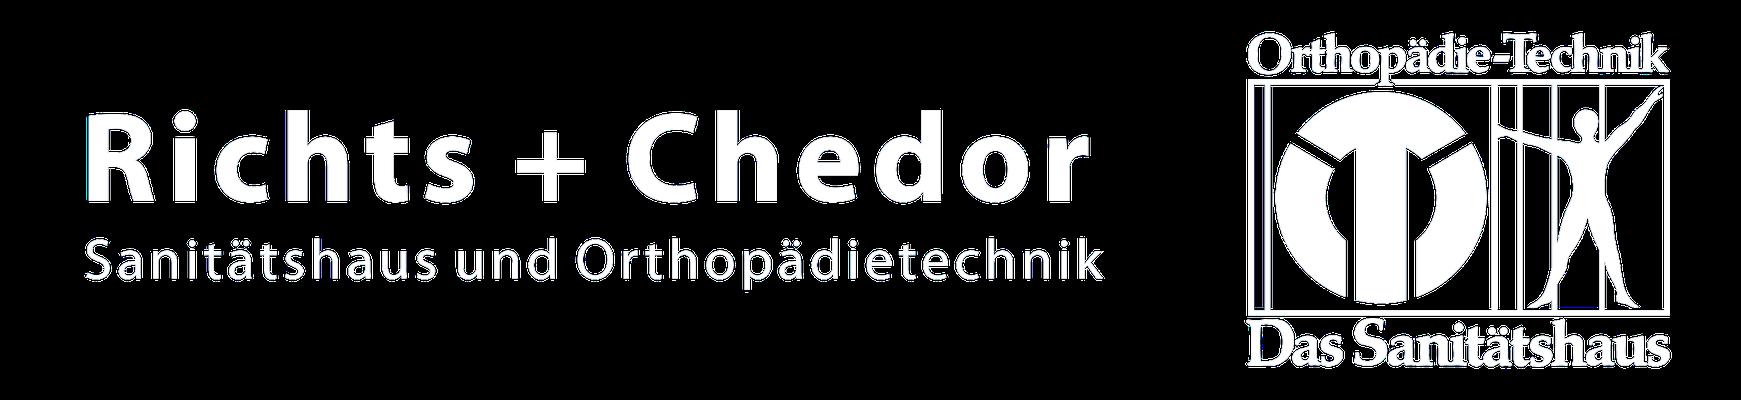 www.richts-chedor.de